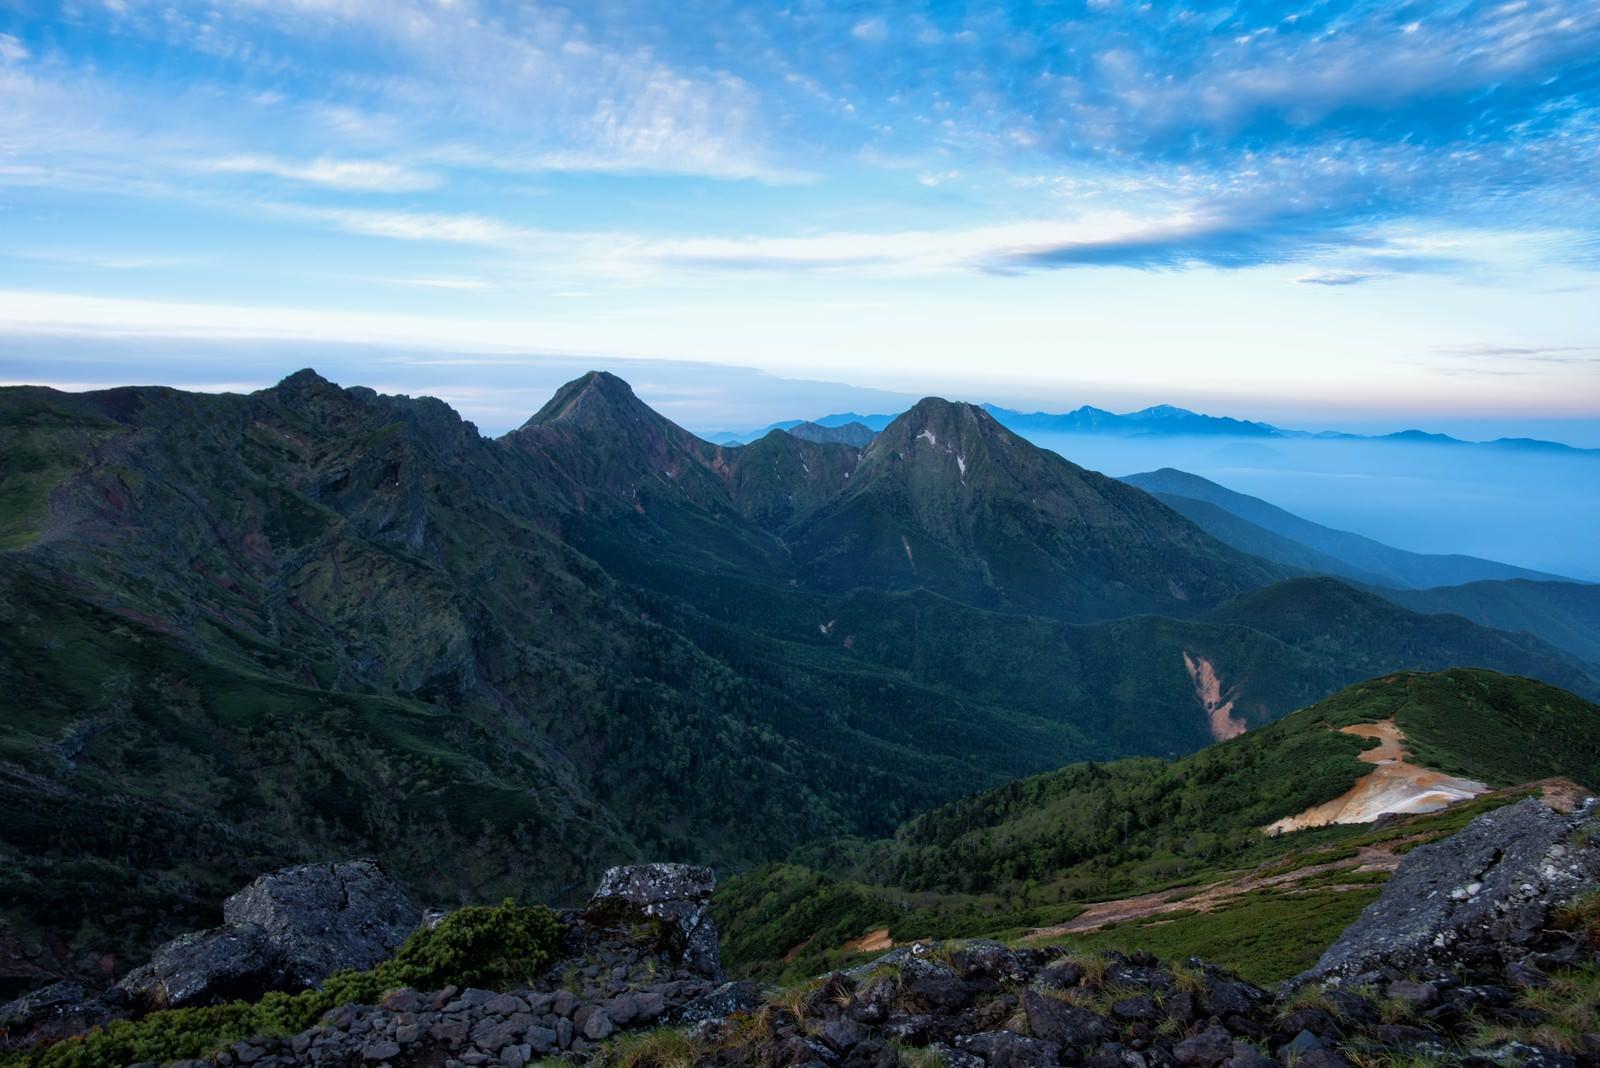 「硫黄岳から望む赤岳と阿弥陀岳 | 写真の無料素材・フリー素材 - ぱくたそ」の写真